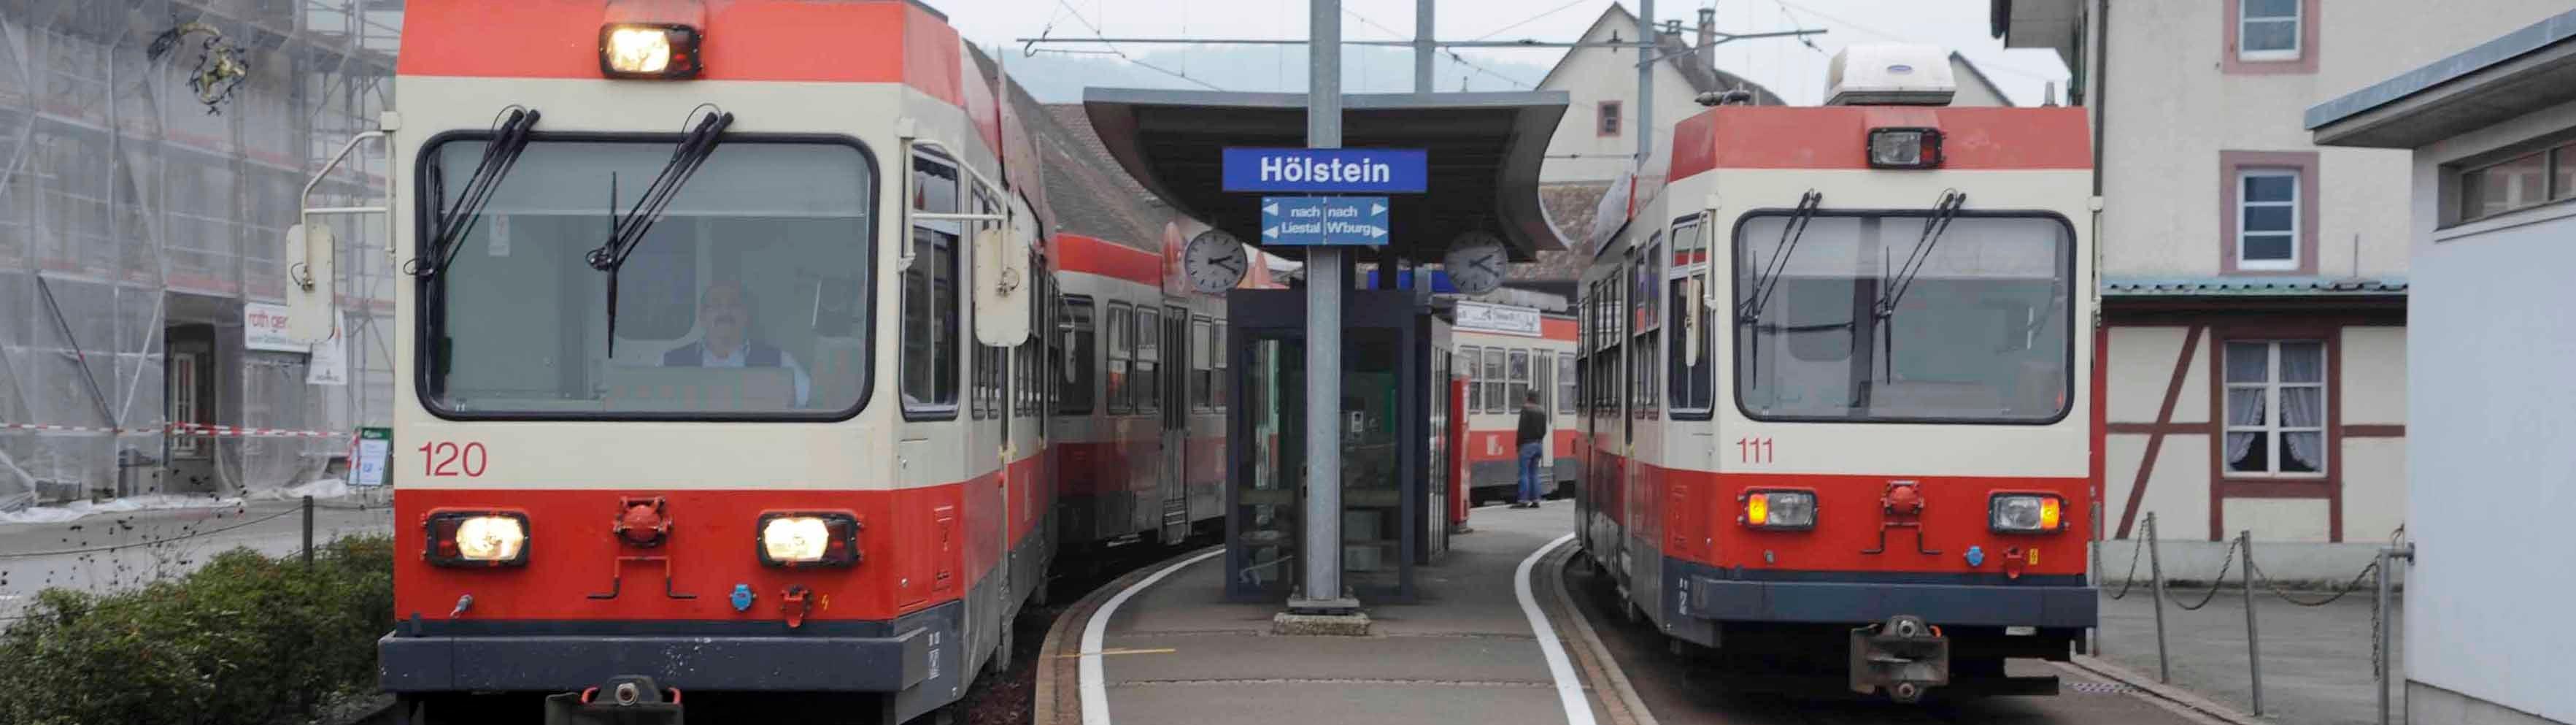 Hölstein